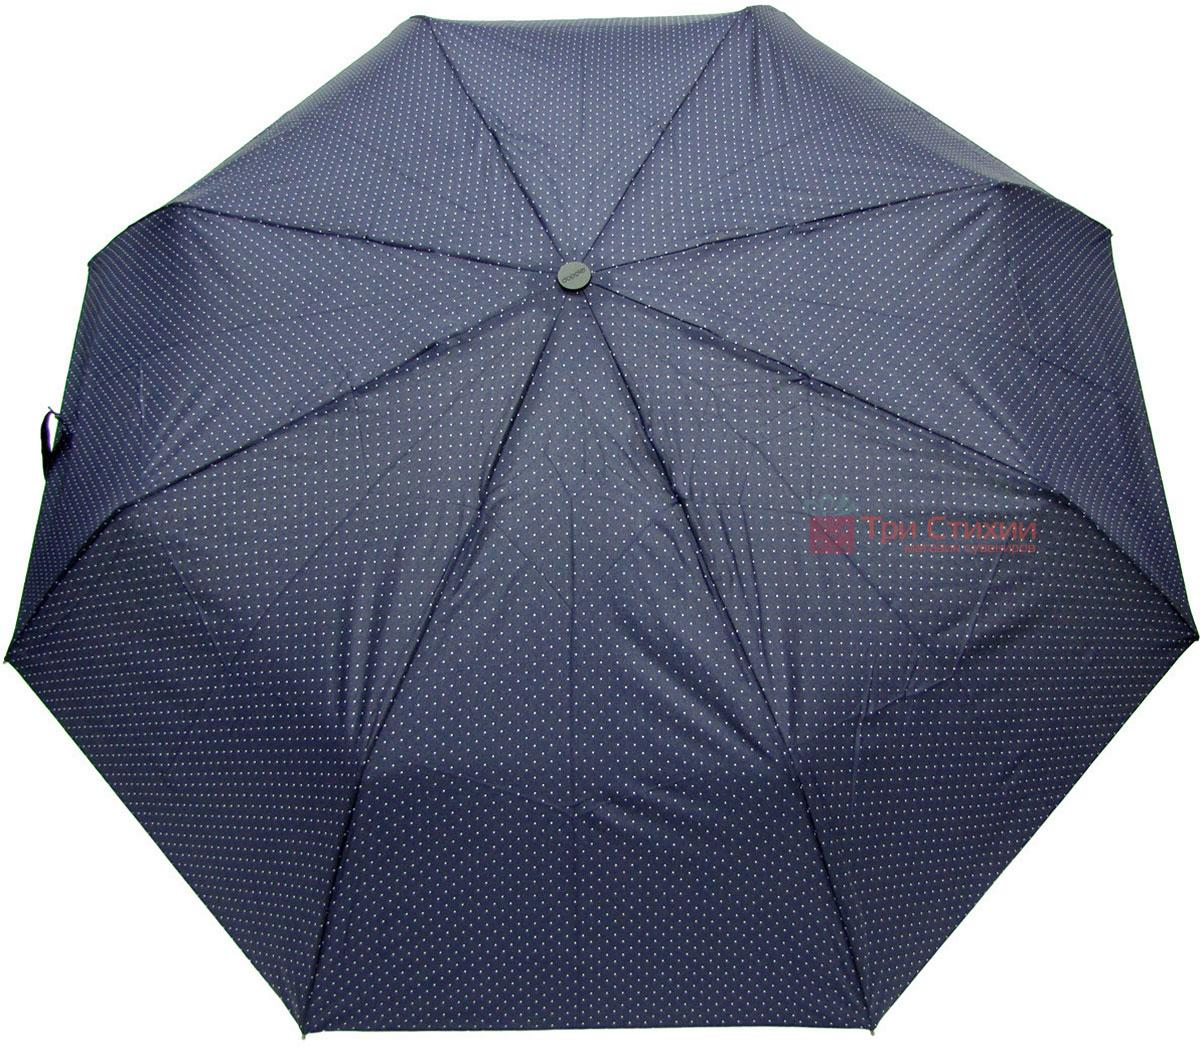 Зонт складной Doppler Carbonsteel 744865DT02 автомат Синий, фото 2